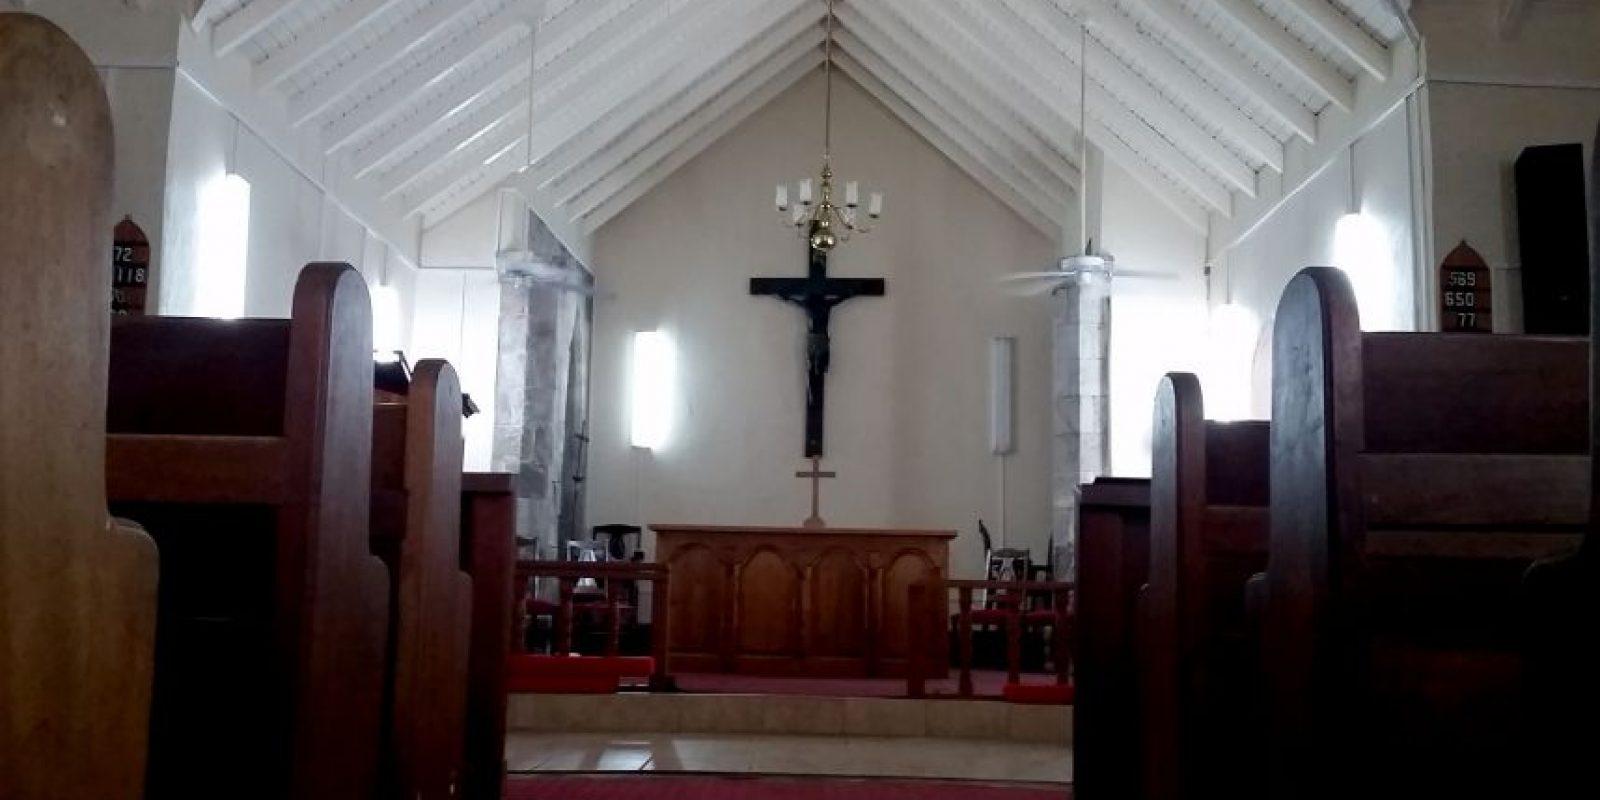 St. James Anglican Church c. 1750 una de las tres iglesias en el Caribe que presenta la cruz negra. Foto:Sonia E. Rivera. Imagen Por: